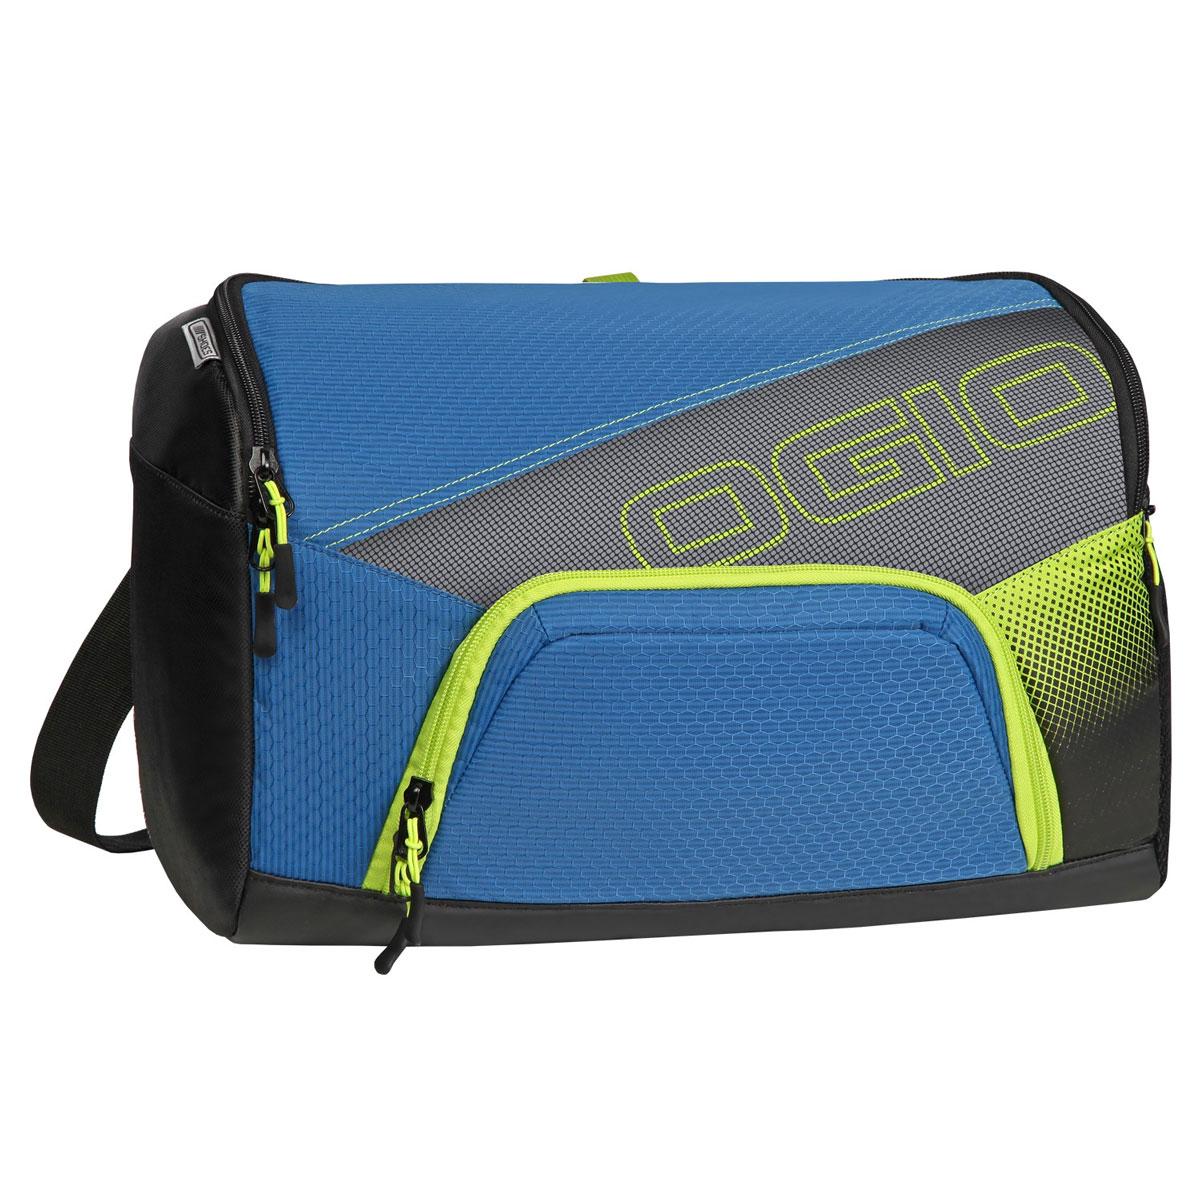 Сумка OGIO Quickdraw, цвет: синий, зеленый. 112041.041112041.041Спортивная сумка OGIO Quickdraw подойдет людям, которые не привыкли таскать с собой габаритные сумки.Плечевая спортивная сумка OGIO - это Ваш помощник в спортивной жизни. Компактная сумка легко поместит в себе пару обуви, футболку с шортами, шейкер, мелкие вещи и электронные гаджеты.Особенности:Основное отделение отлично вмещает обувь для бега и сменную одежду.Внутренний карман для бутылки с водой.Дополнительное специальное отделение под крышкой для хранения продуктов питания.Внутренний карман для ключей и ценных вещей.Наружный карман с подбивкой для хранения ценных вещей.Легкая, износоустойчивая и прочная на разрыв ткань.Скрытая сетка для вентиляции основного отделения.Боковой карман с двусторонней застежкой на молнии носостойкое и устойчивое к истиранию брезентовое основание.Вентилируемая задняя стенка с системой проветривания.Простой регулируемый наплечный ремень Надежно закрепленный ремень для переноски.Яркая подкладка.Объем: 15 л.Материал: кареточная ткань 420D, кареточная ткань 210D.